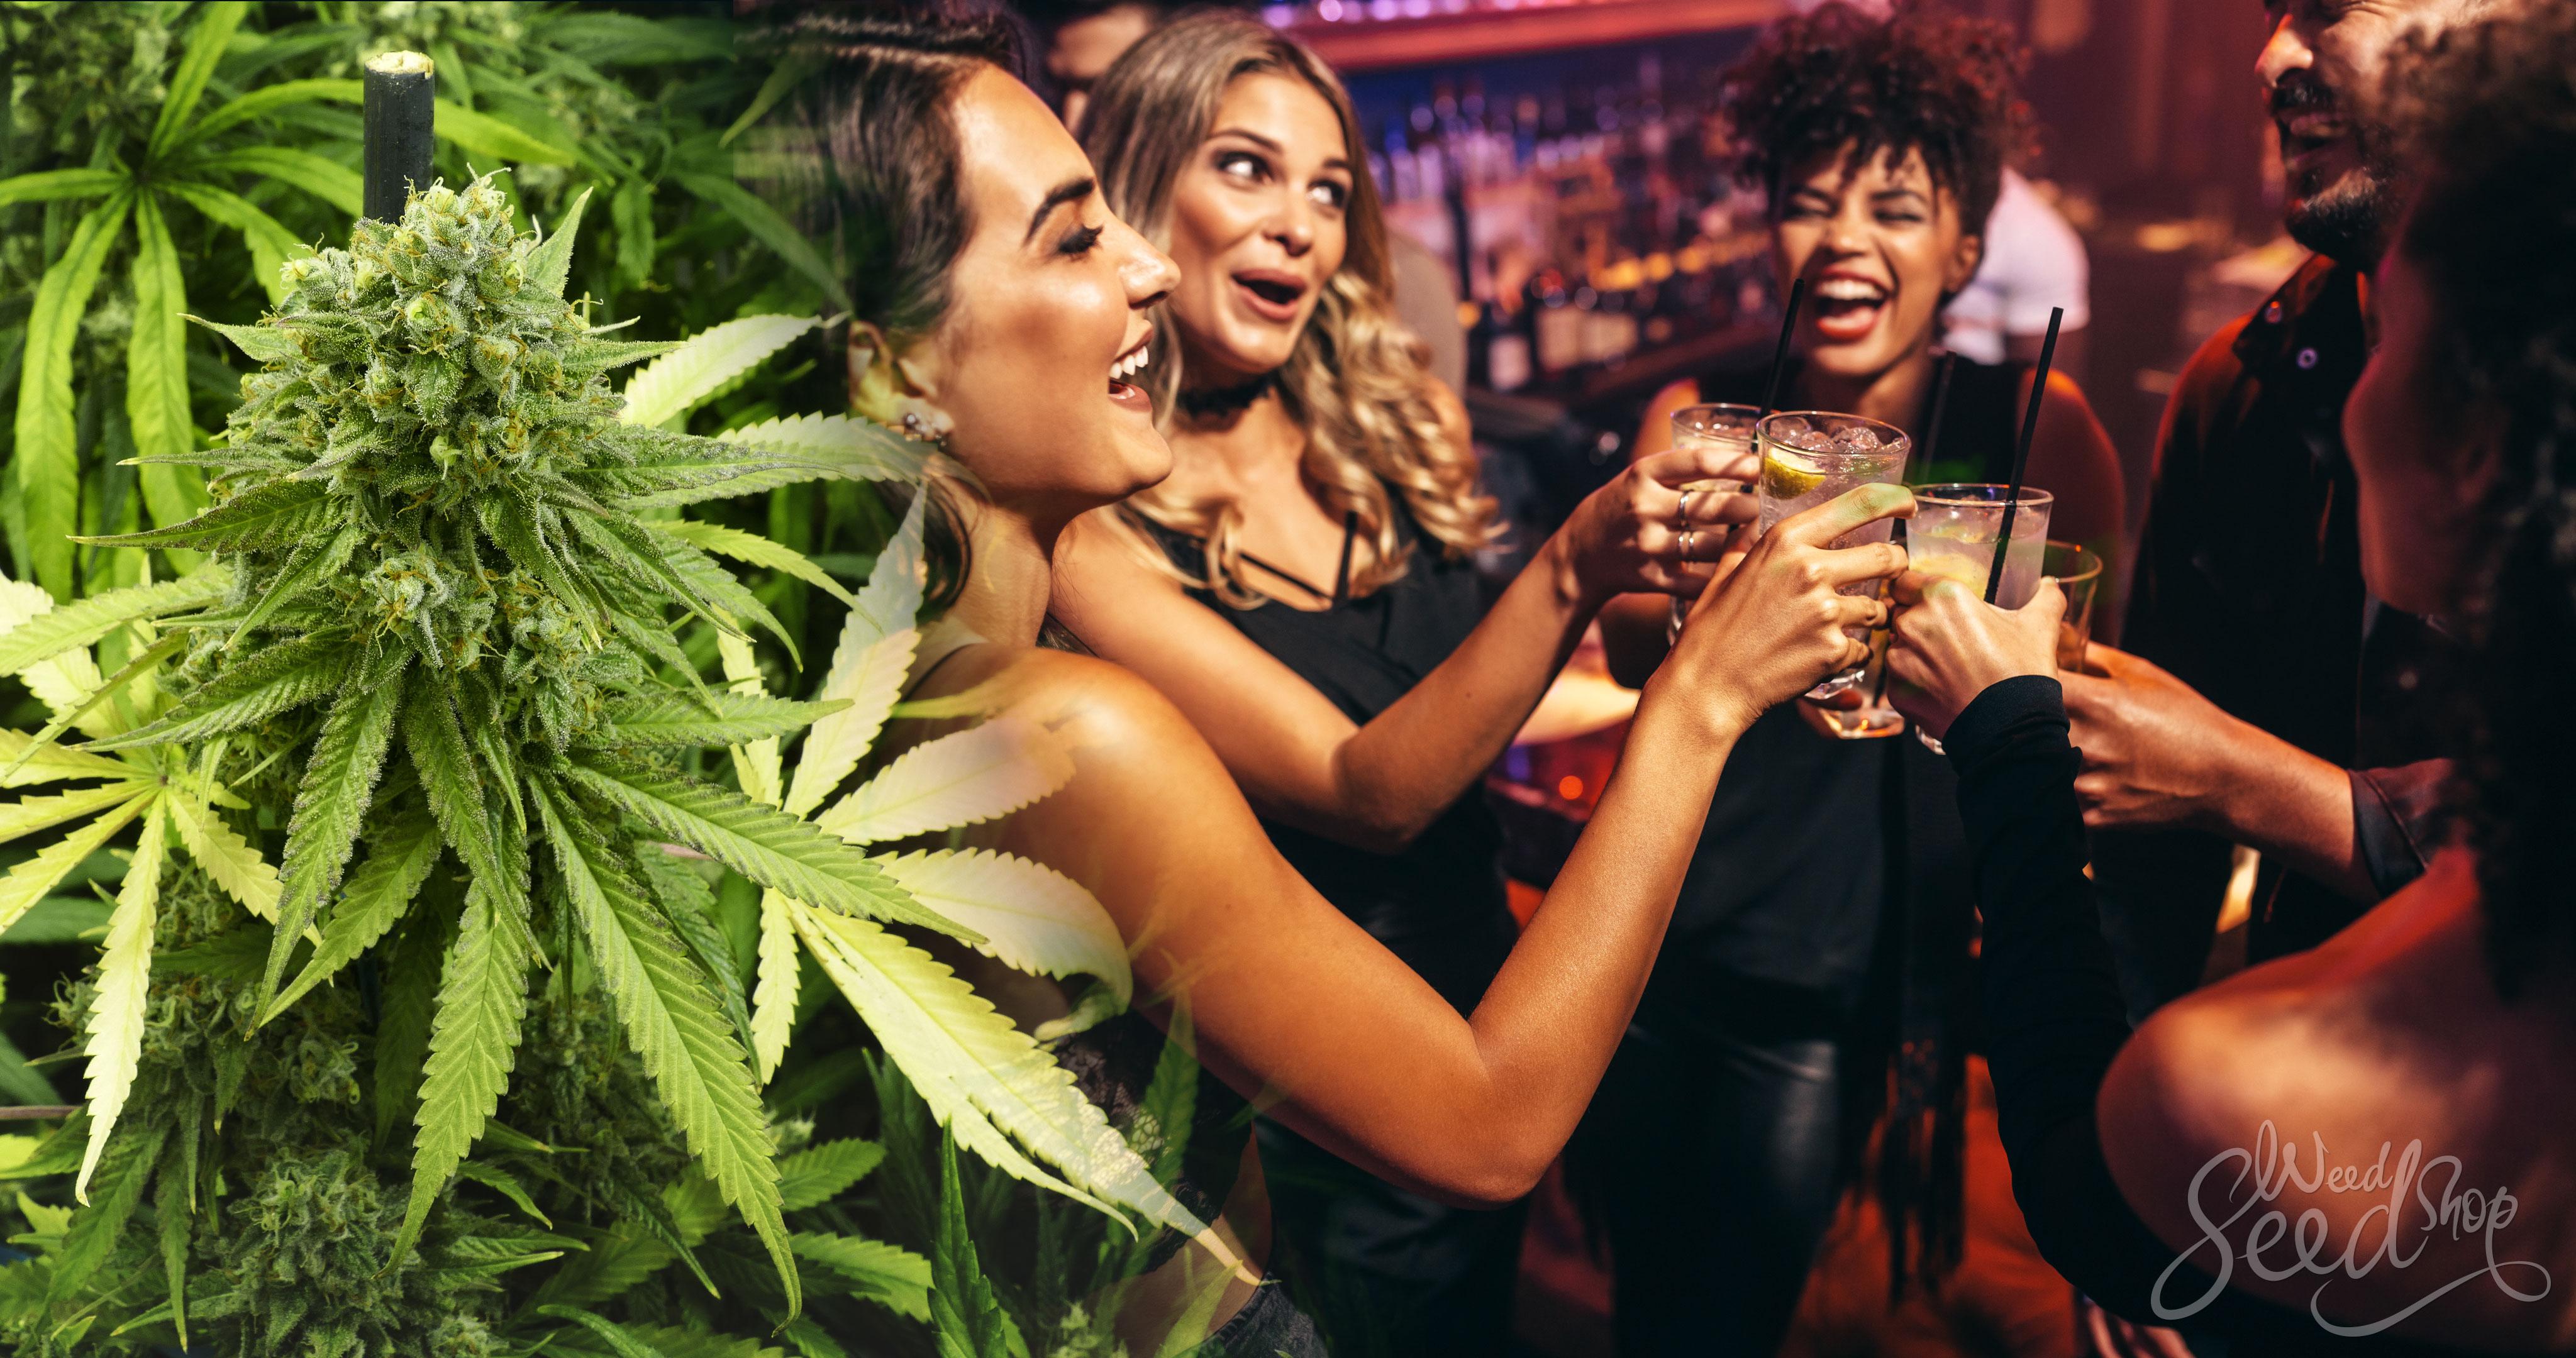 Wat is wietalcohol (cannabis-infusie) en hoe maak je het? - Weed Seed Shop Blog